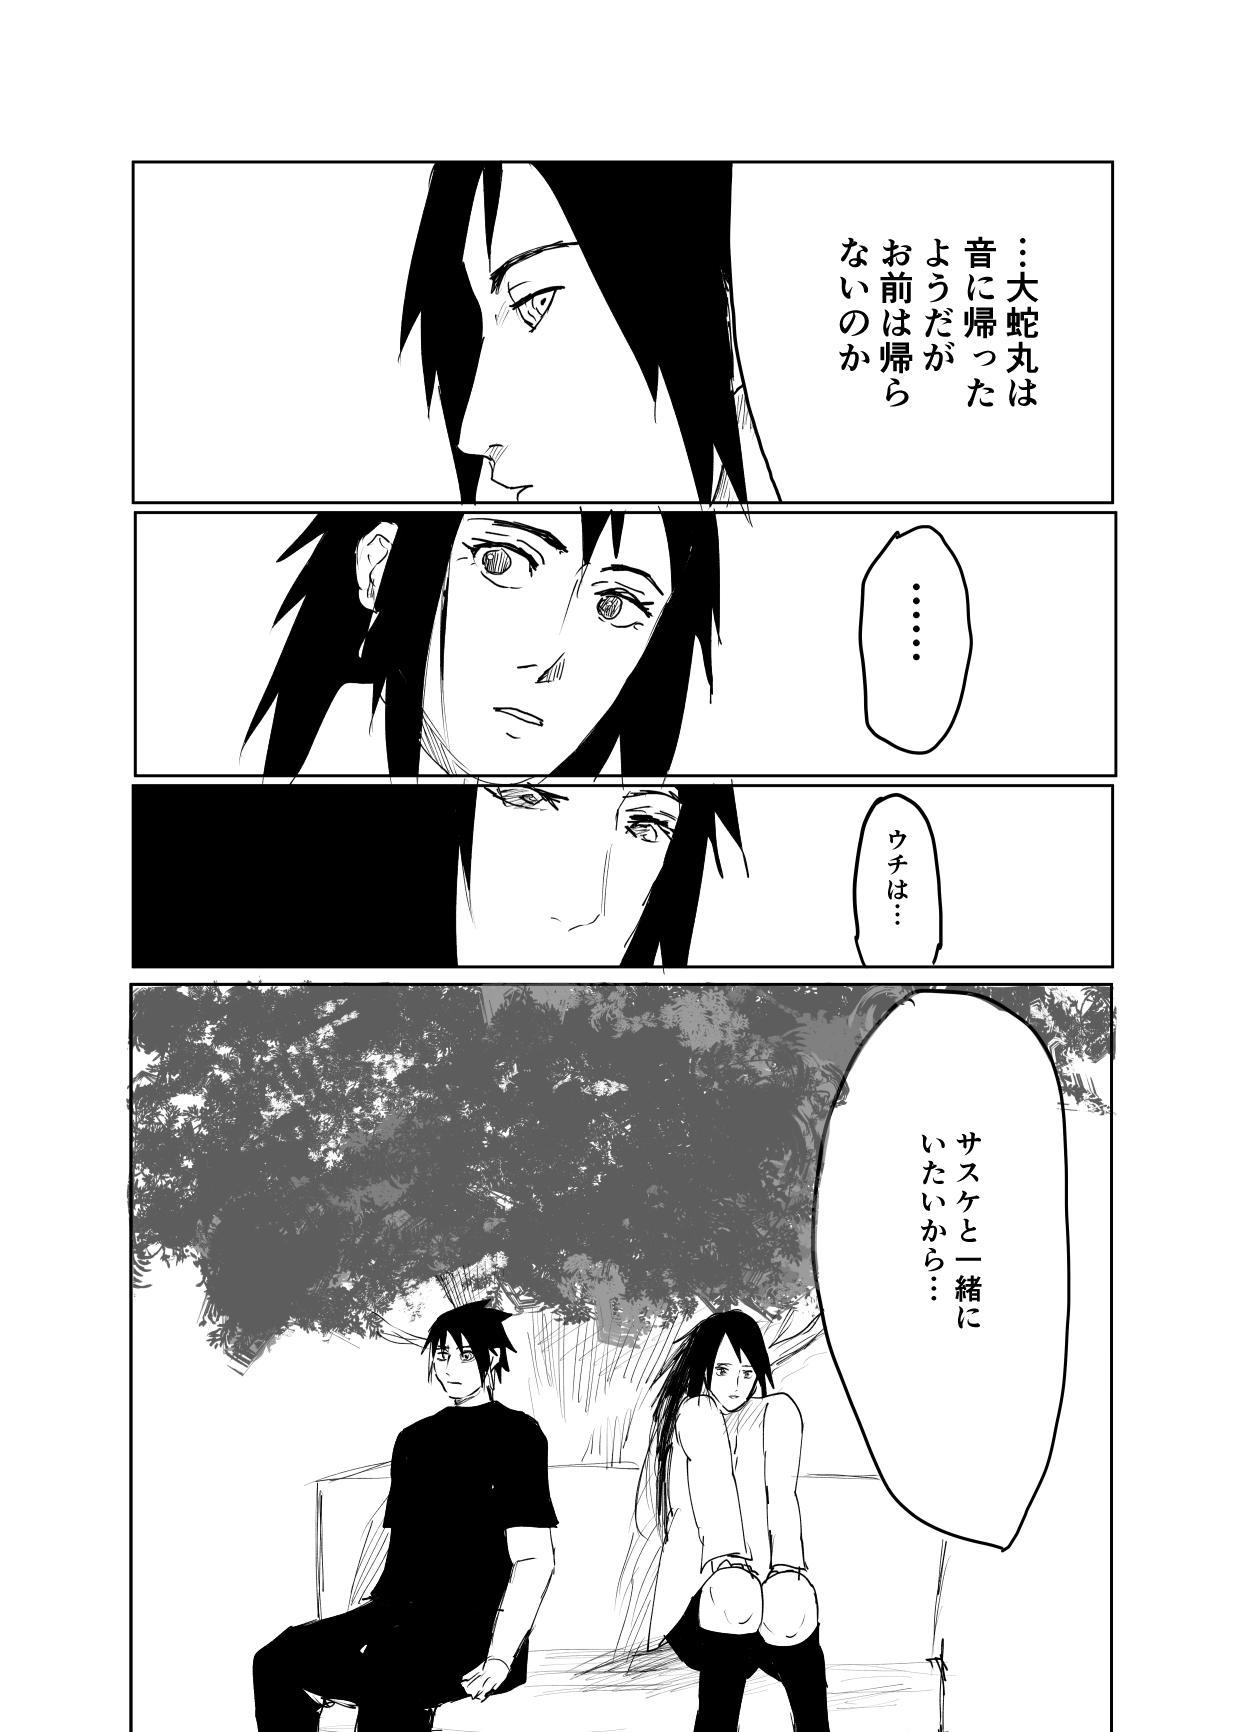 嘘告白漫画 35